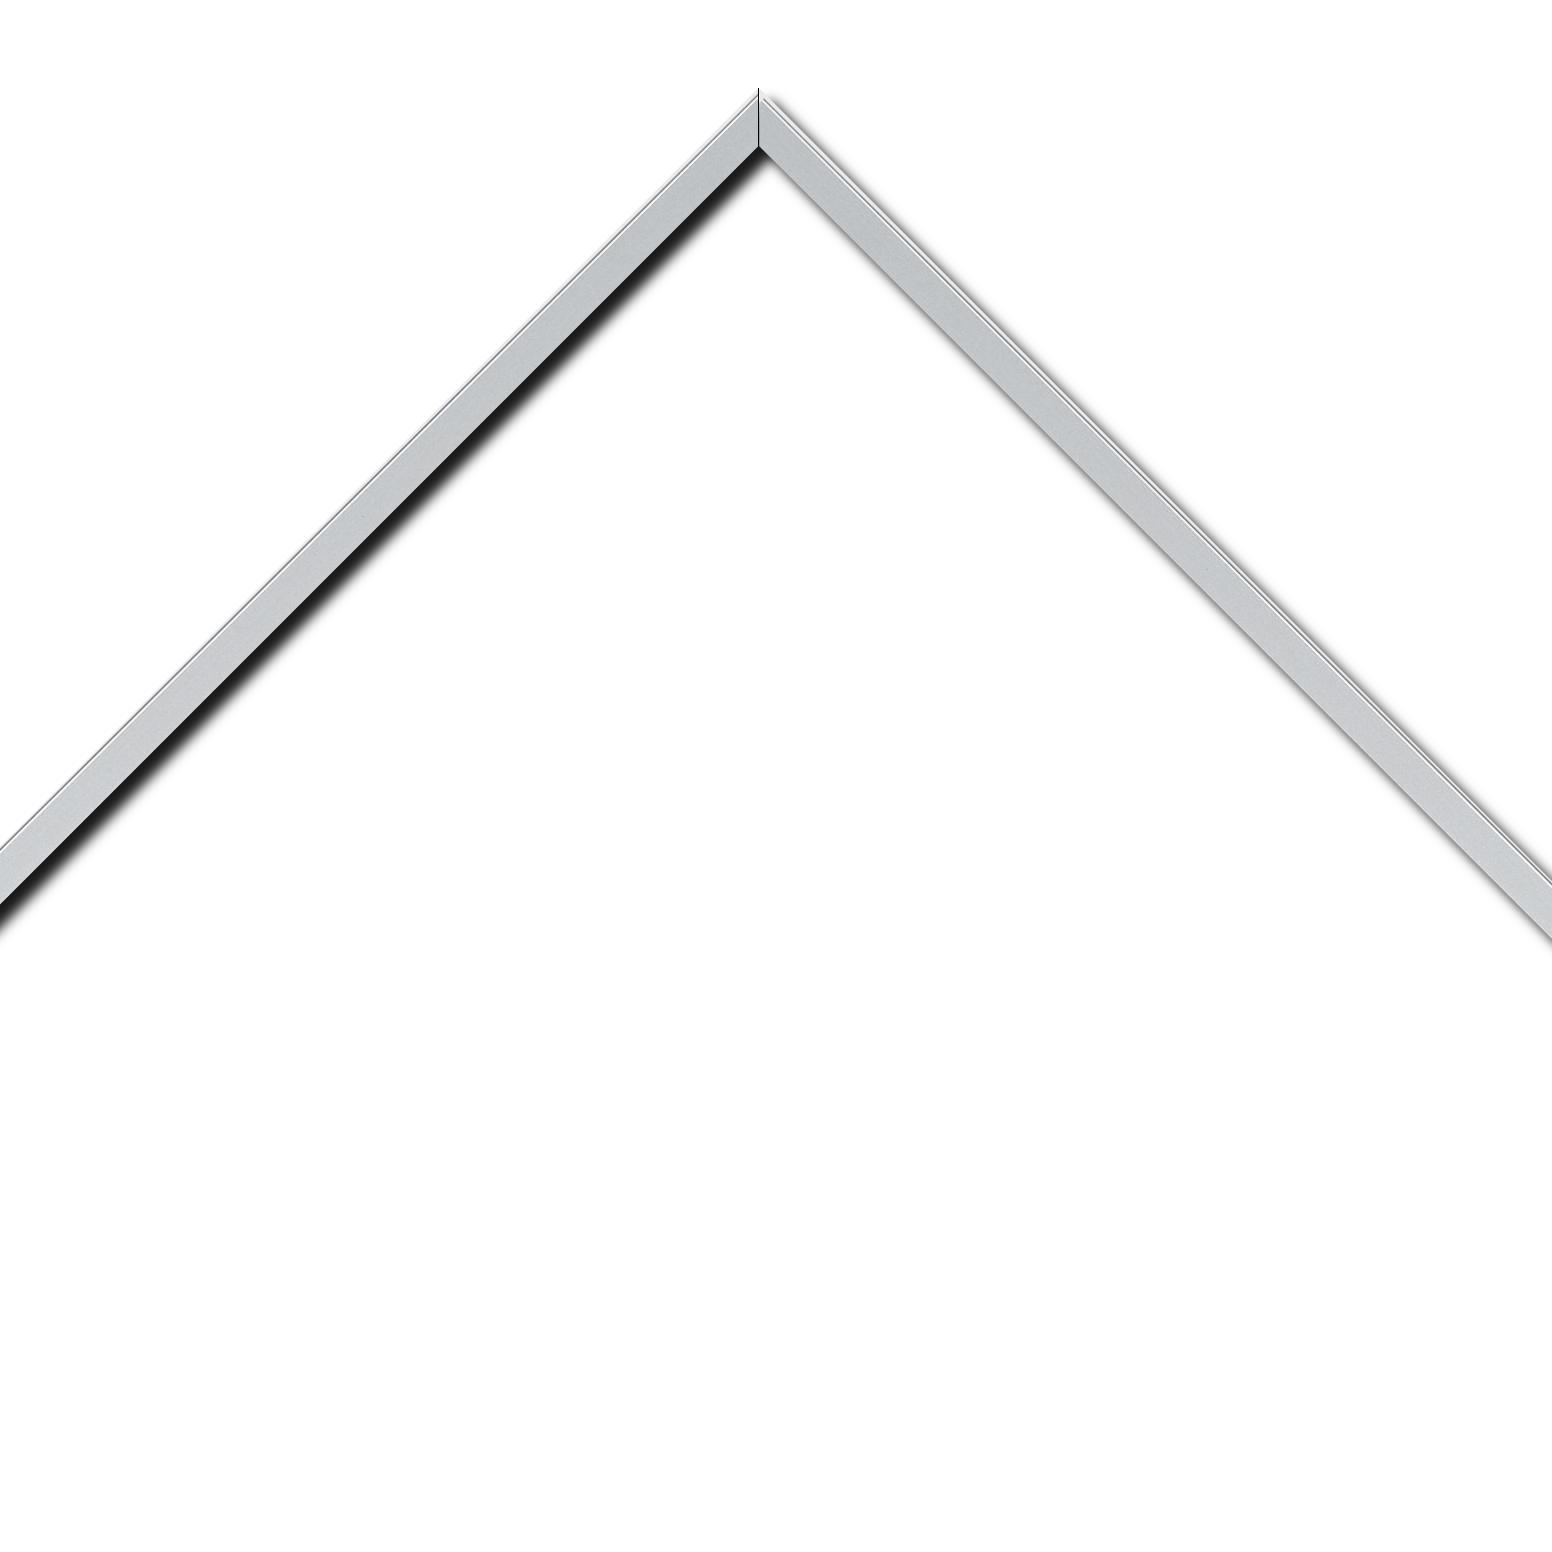 Baguette aluminium profil plat largeur 1cm couleur argent mat satiné (mise en place du sujet très rapide et très simple,sans démontage du cadre car angles sertis ) encadrement livré monté prêt à l'emploi (cadre fabriqué à vos mesures dans nos ateliers de besançon)